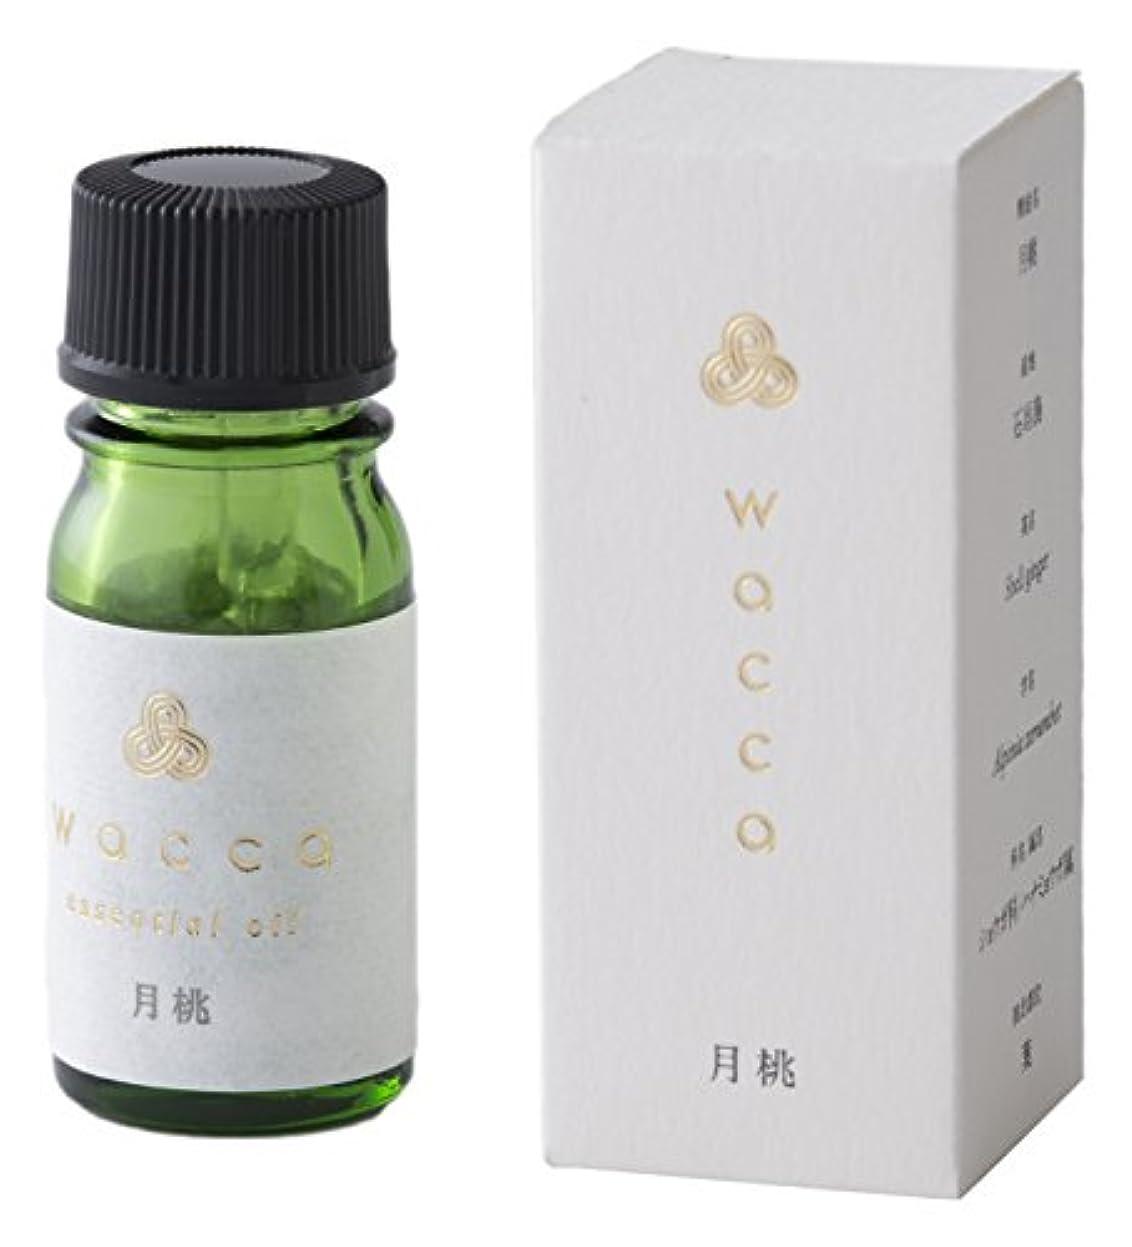 昆虫組み合わせモニカwacca ワッカ エッセンシャルオイル 3ml 月桃 ゲットウ Shell ginger essential oil 和精油 KUSU HANDMADE